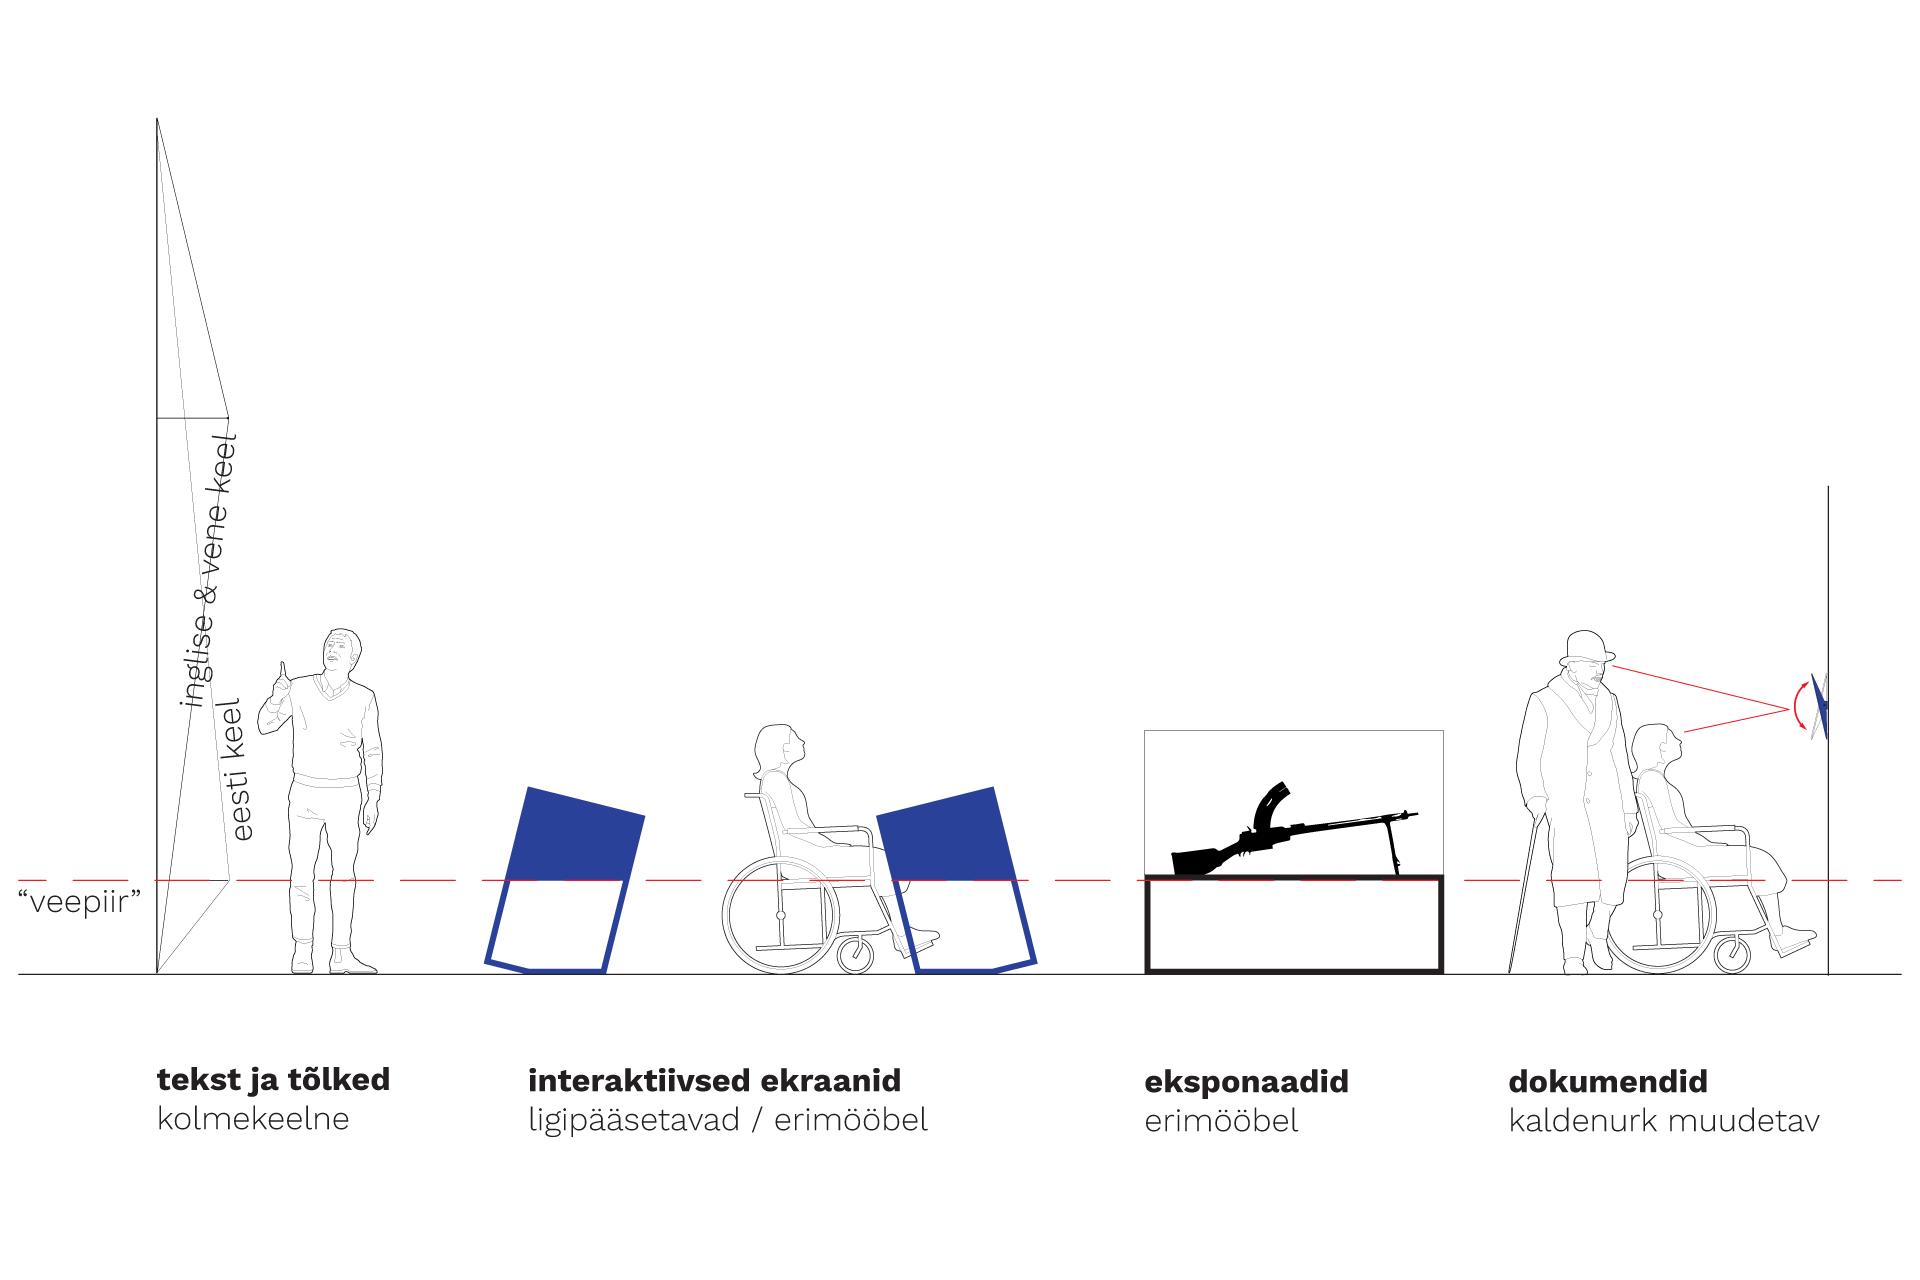 Kujunduspõhimõtted. Operatsioon Red Trek. Eesti vabaduse kaitsel. Lennusadam